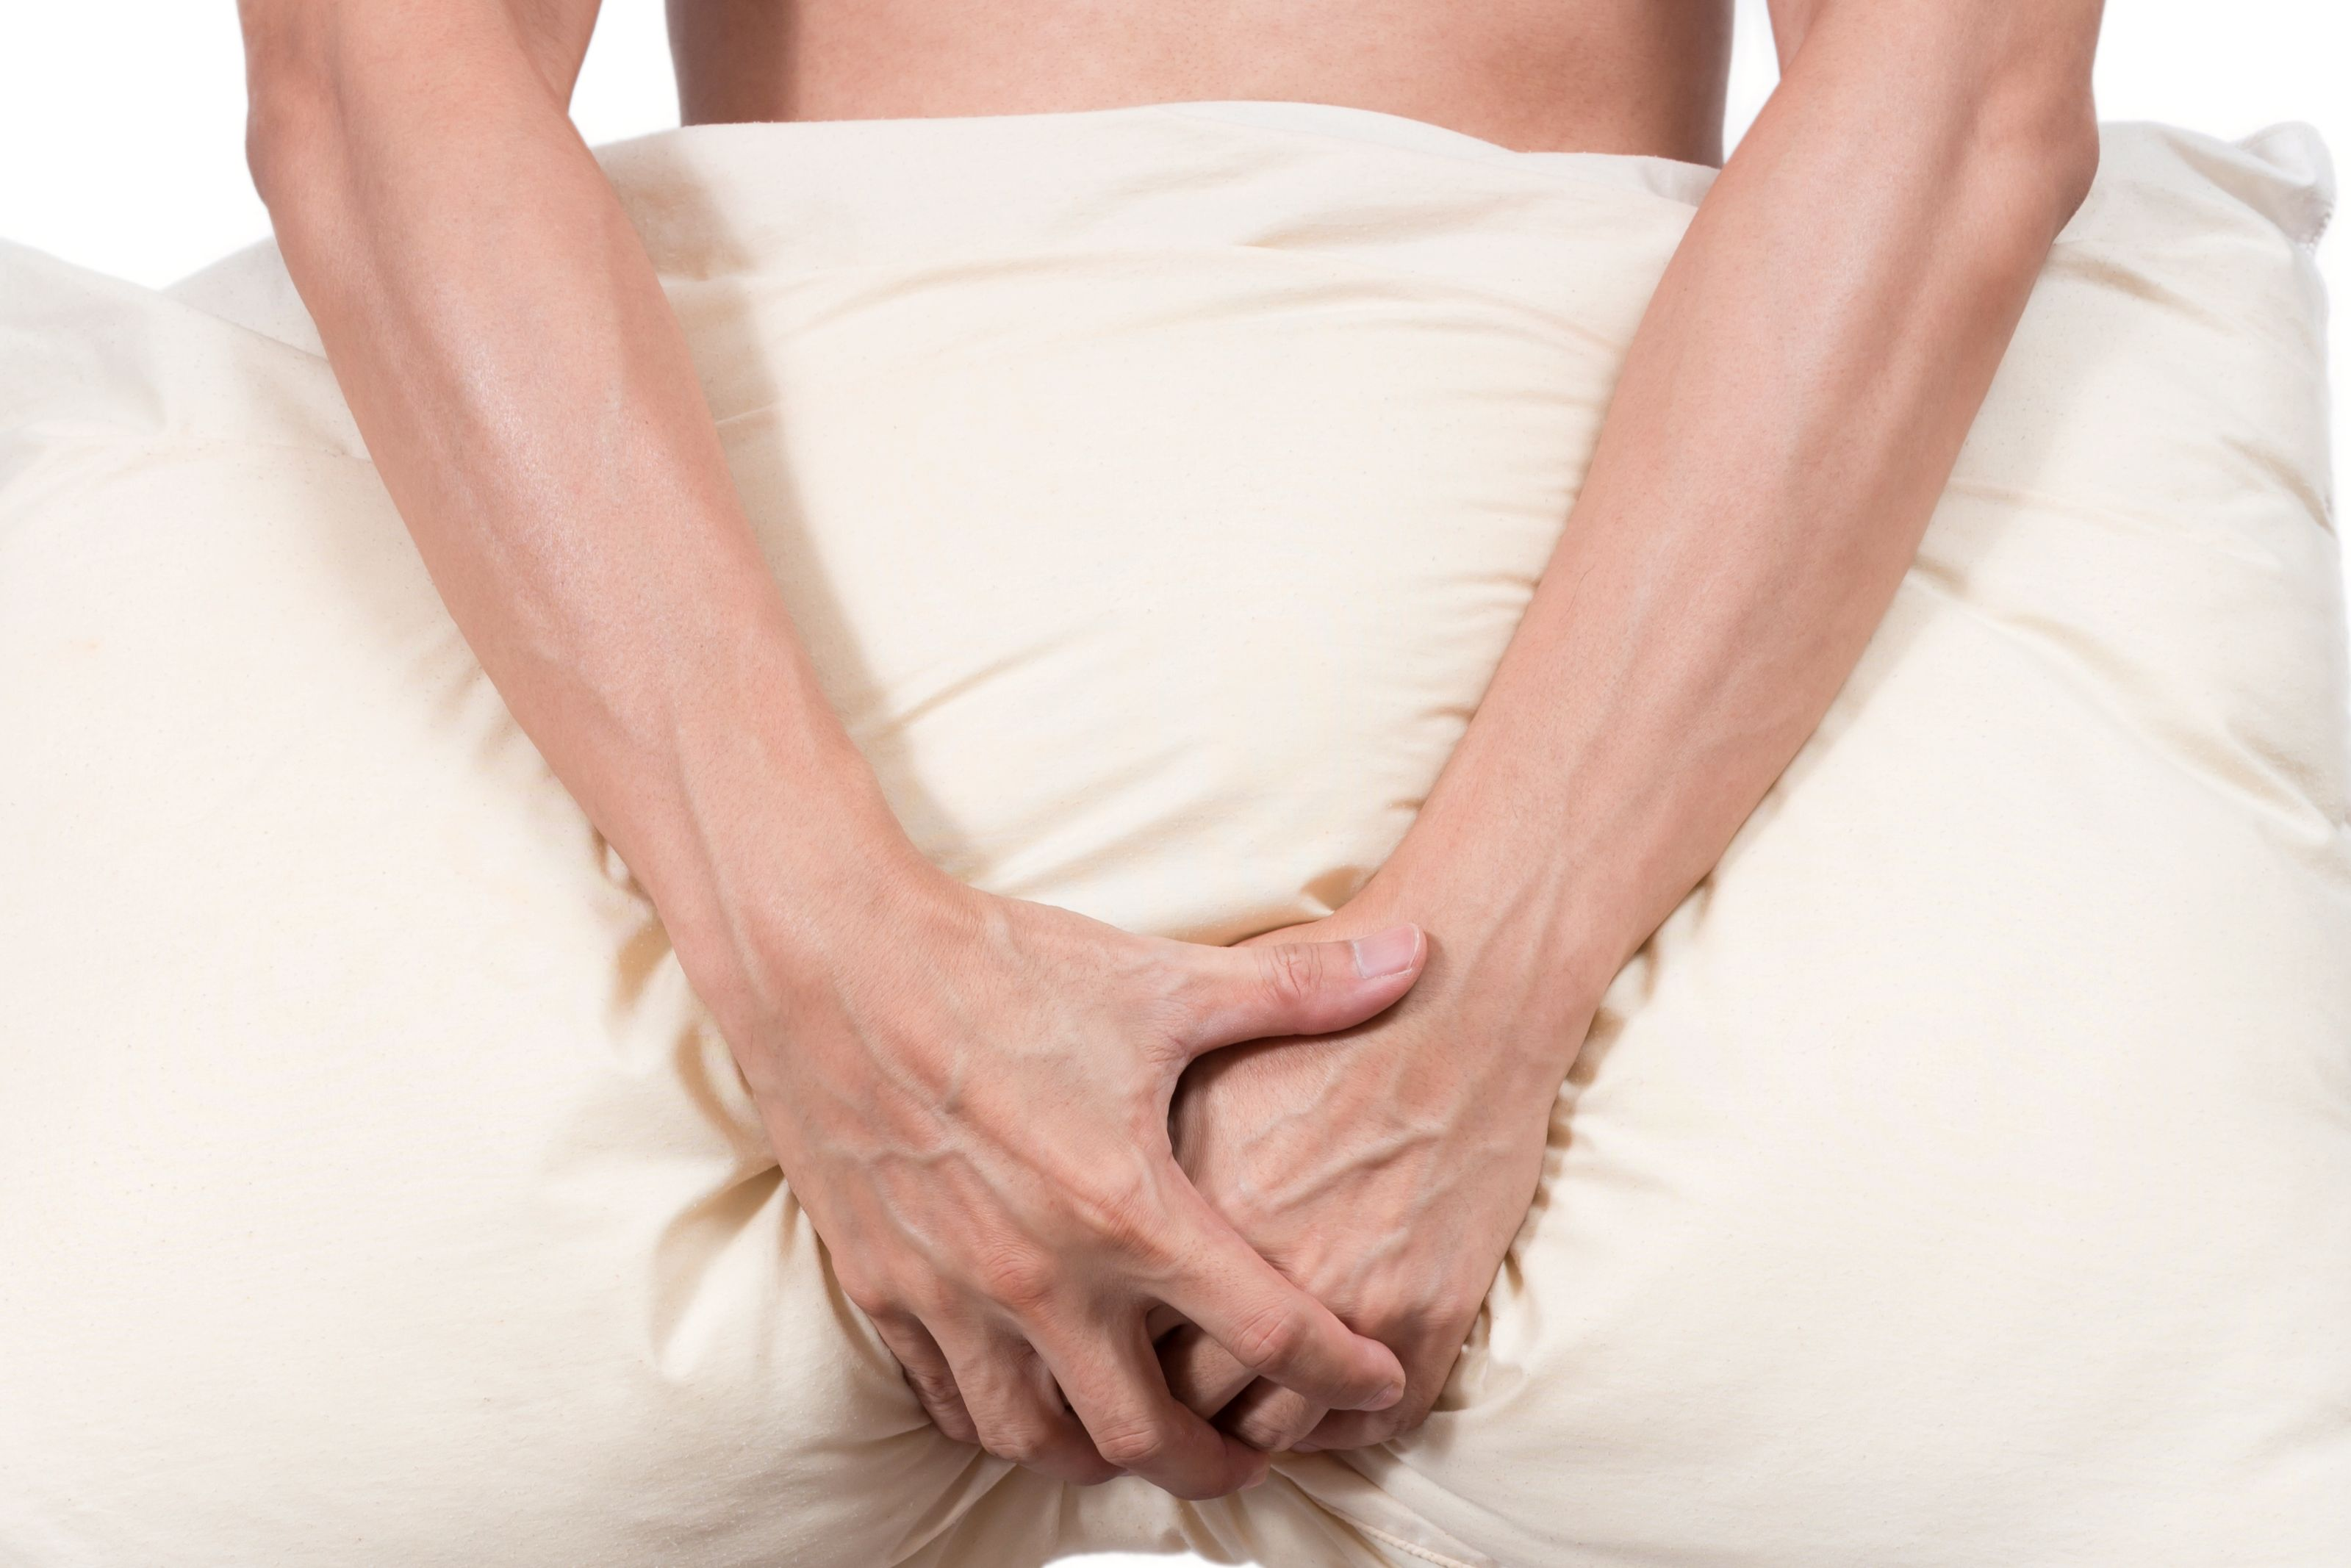 Helse massasje blir til sex del 2